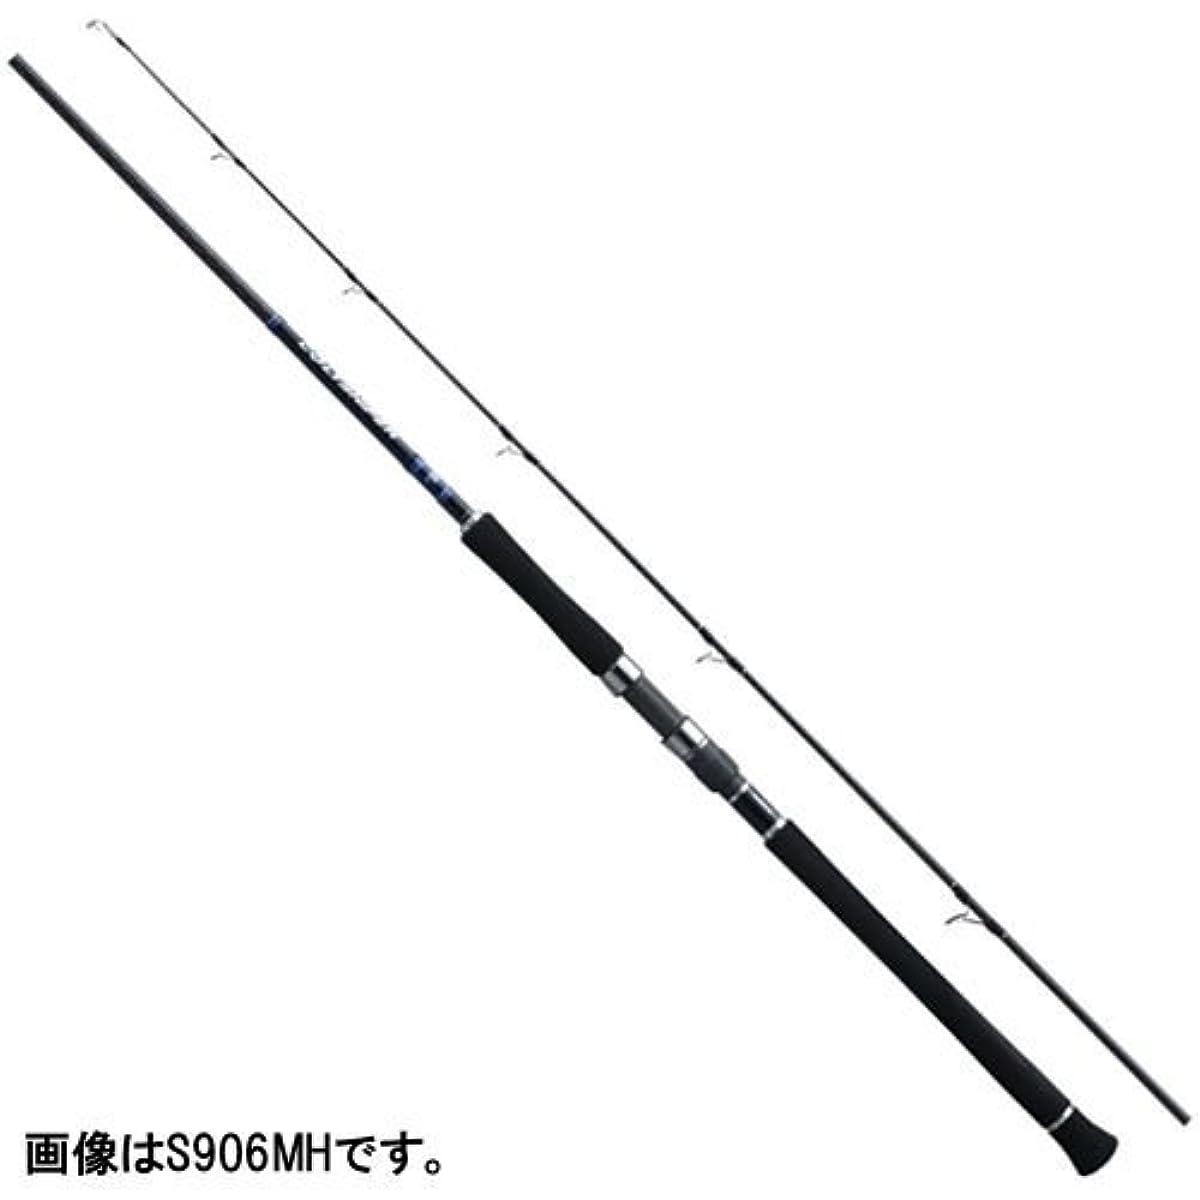 [해외] 시마노 스피닝 로드 콜트 스나이퍼 MH파워 쇼어지깅 S1000MH 10피트